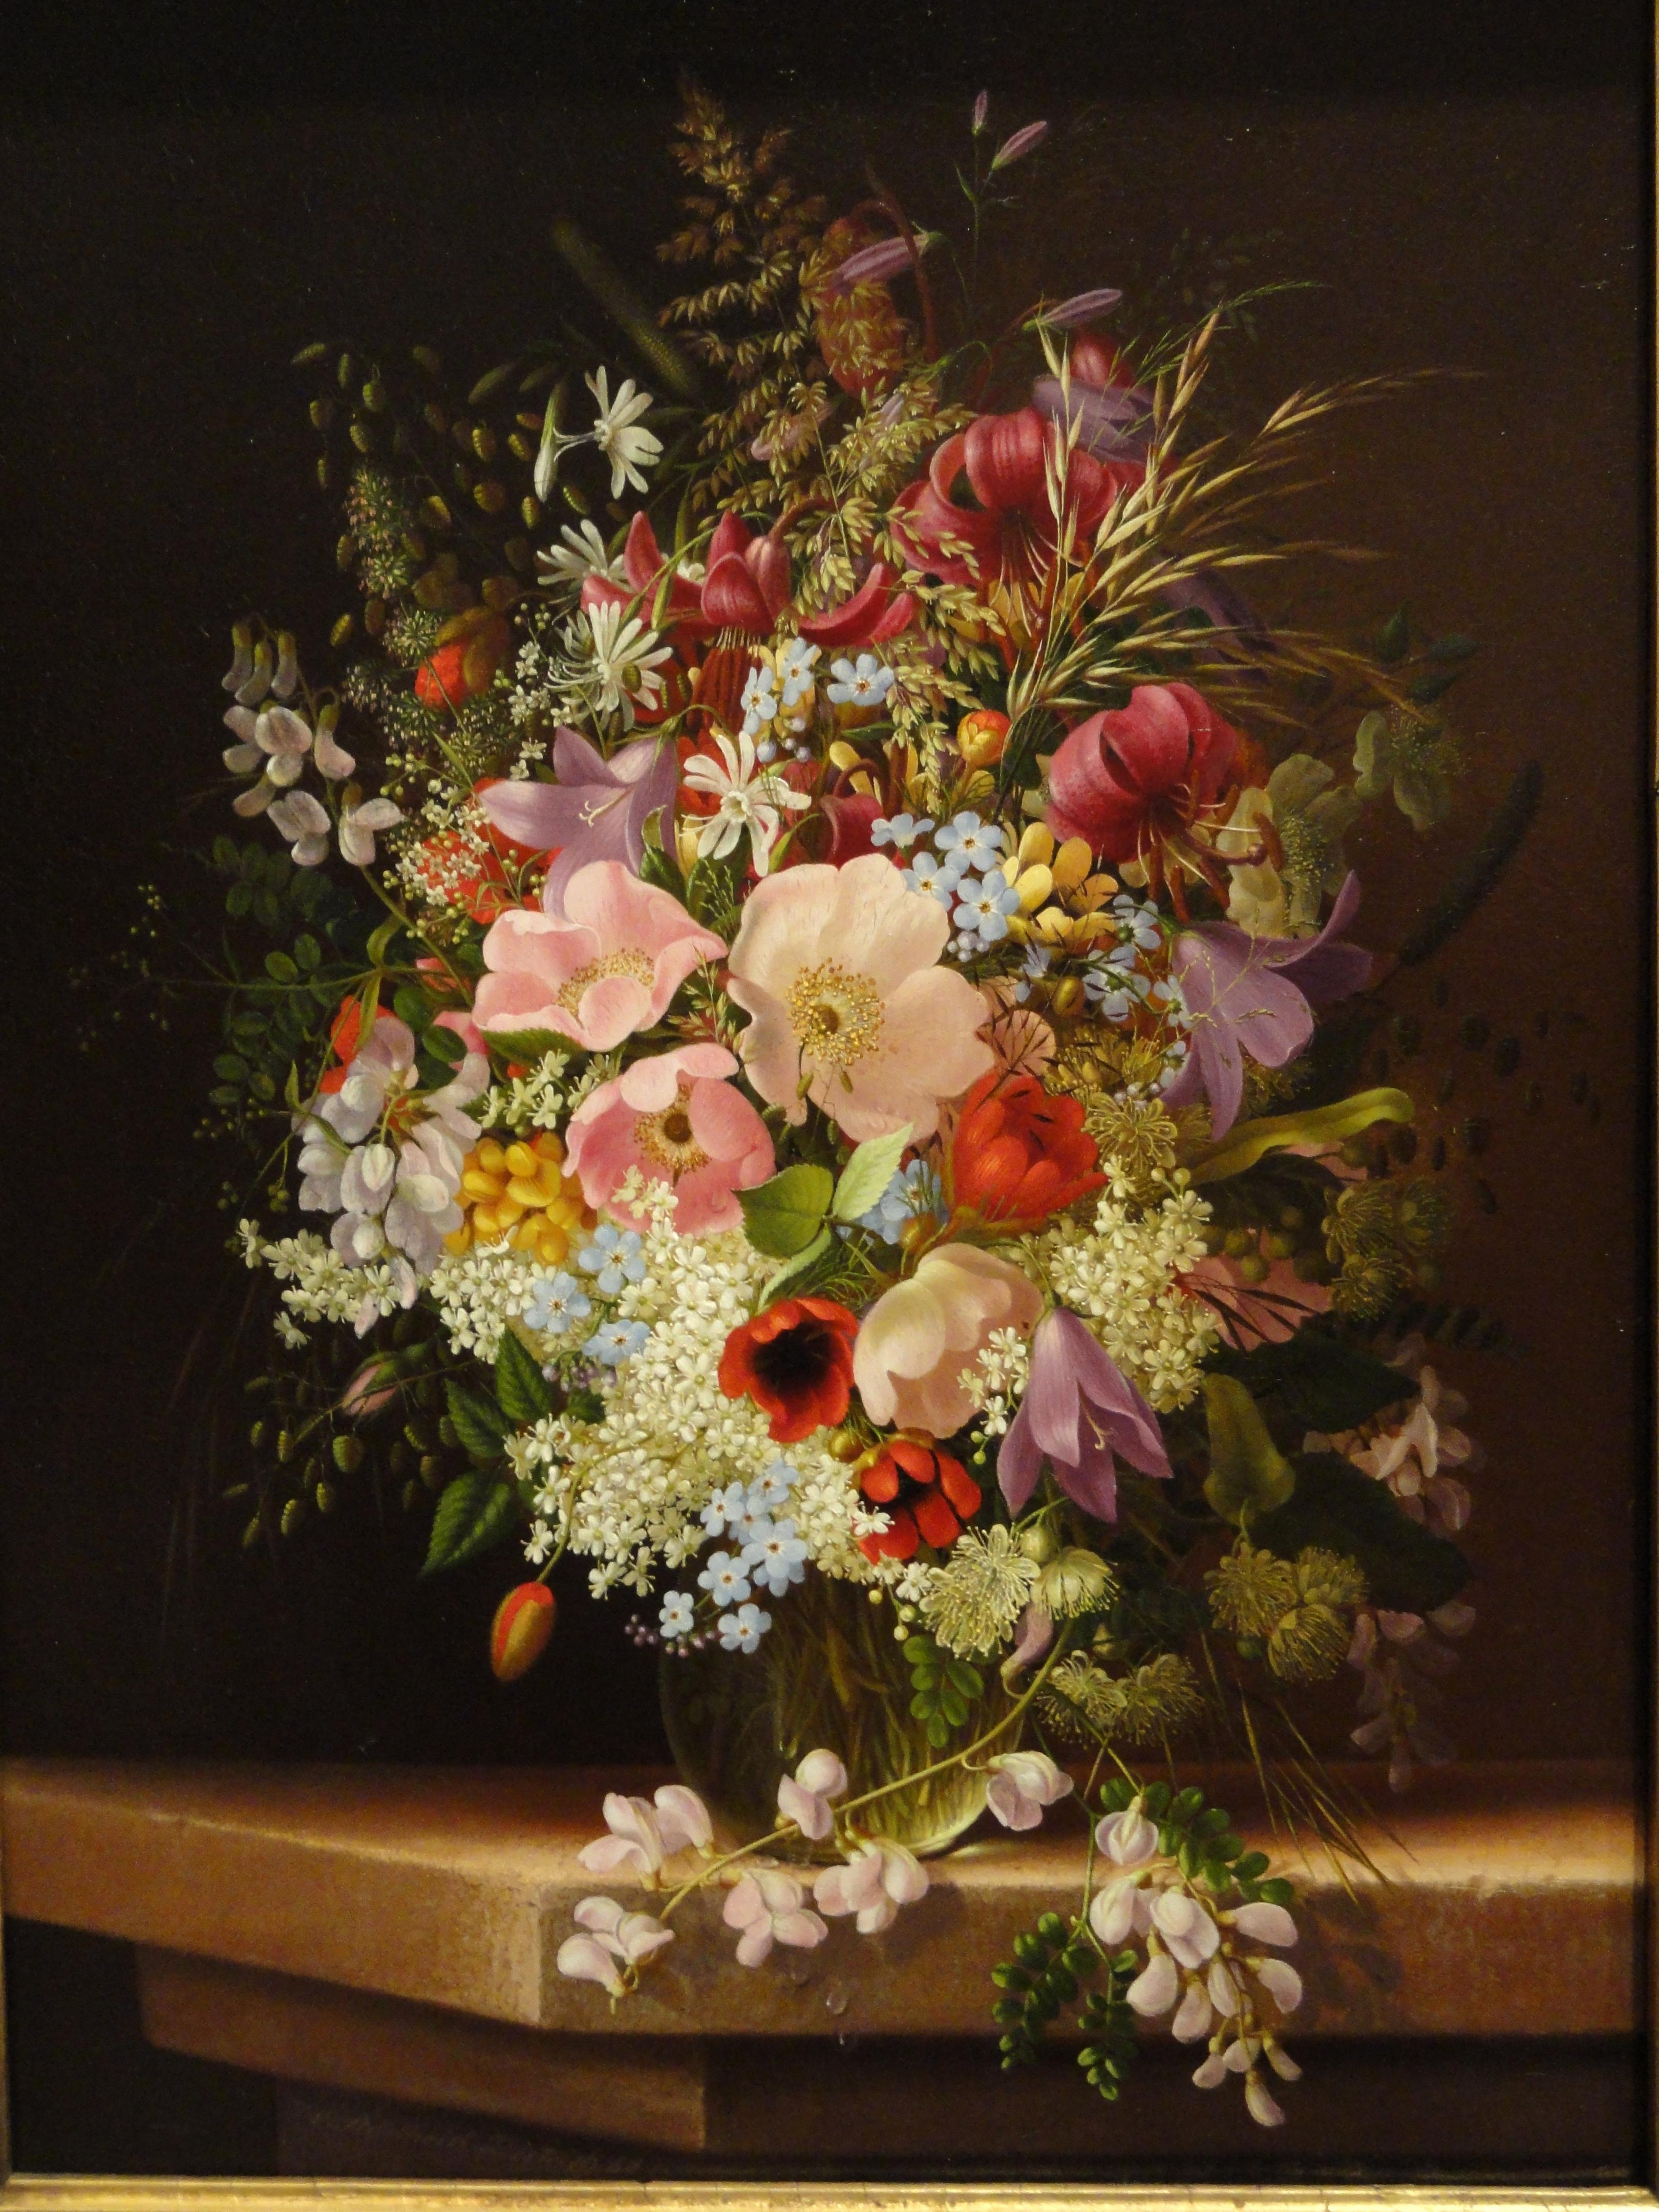 filestill life of flowers by adelheid dietrich, , oil on wood, Beautiful flower